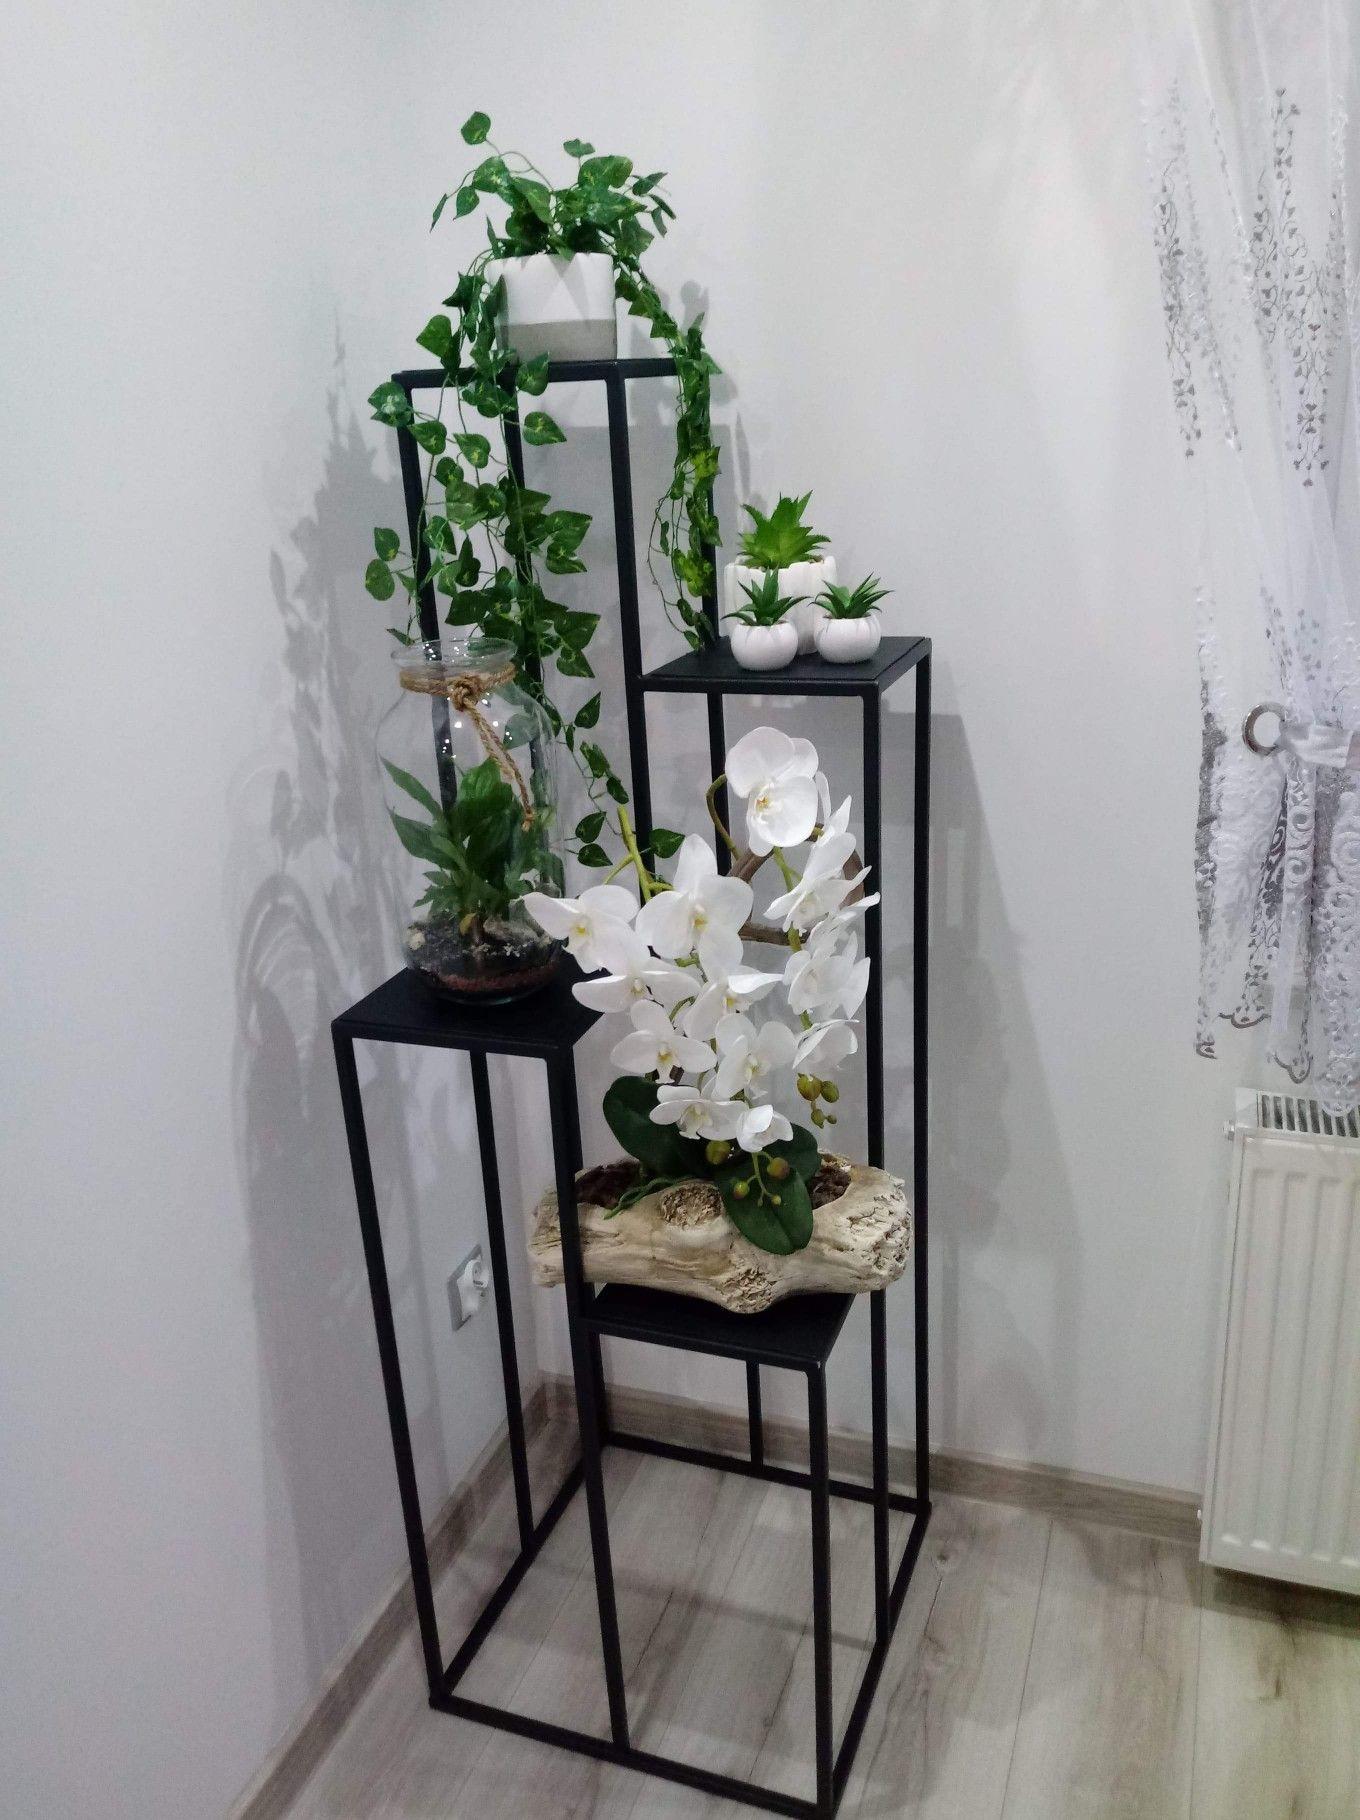 Stojak Na Kwiaty Kwietnik Metalowy 150 Cm Czarny Ladder Decor Home Decor Decor